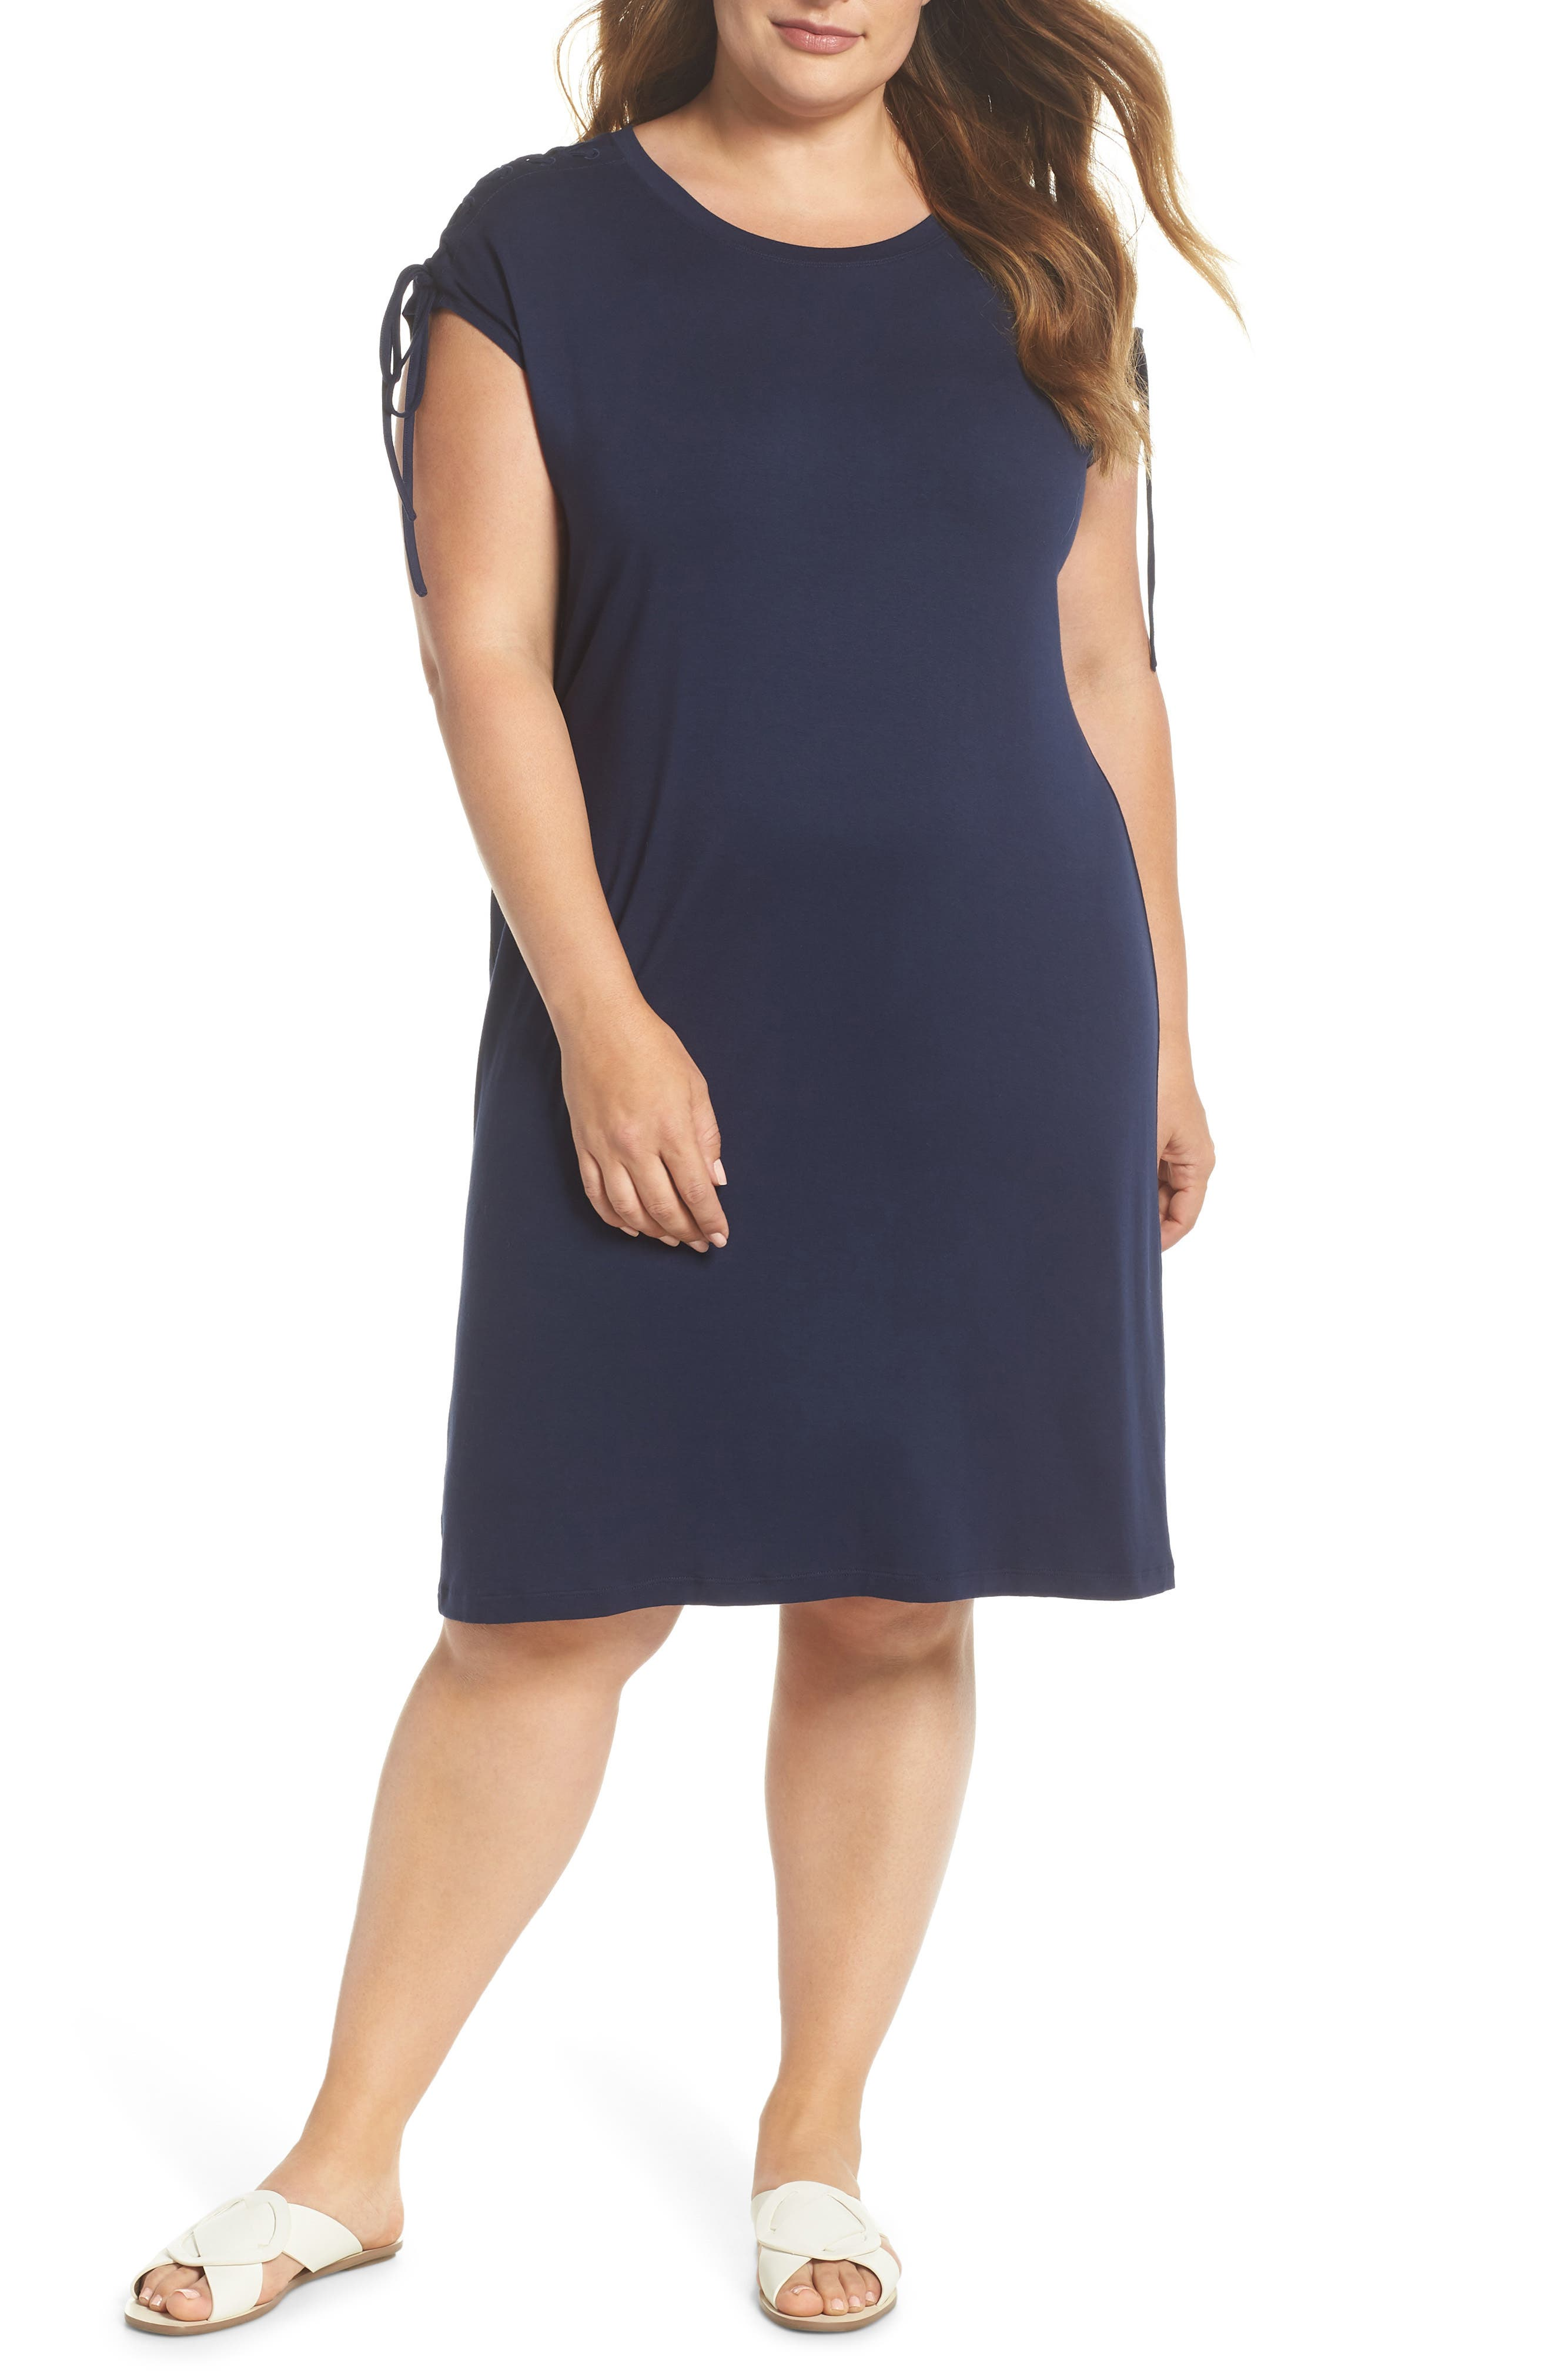 VINCE CAMUTO Lace-Up Shoulder T-Shirt Dress, Main, color, 461